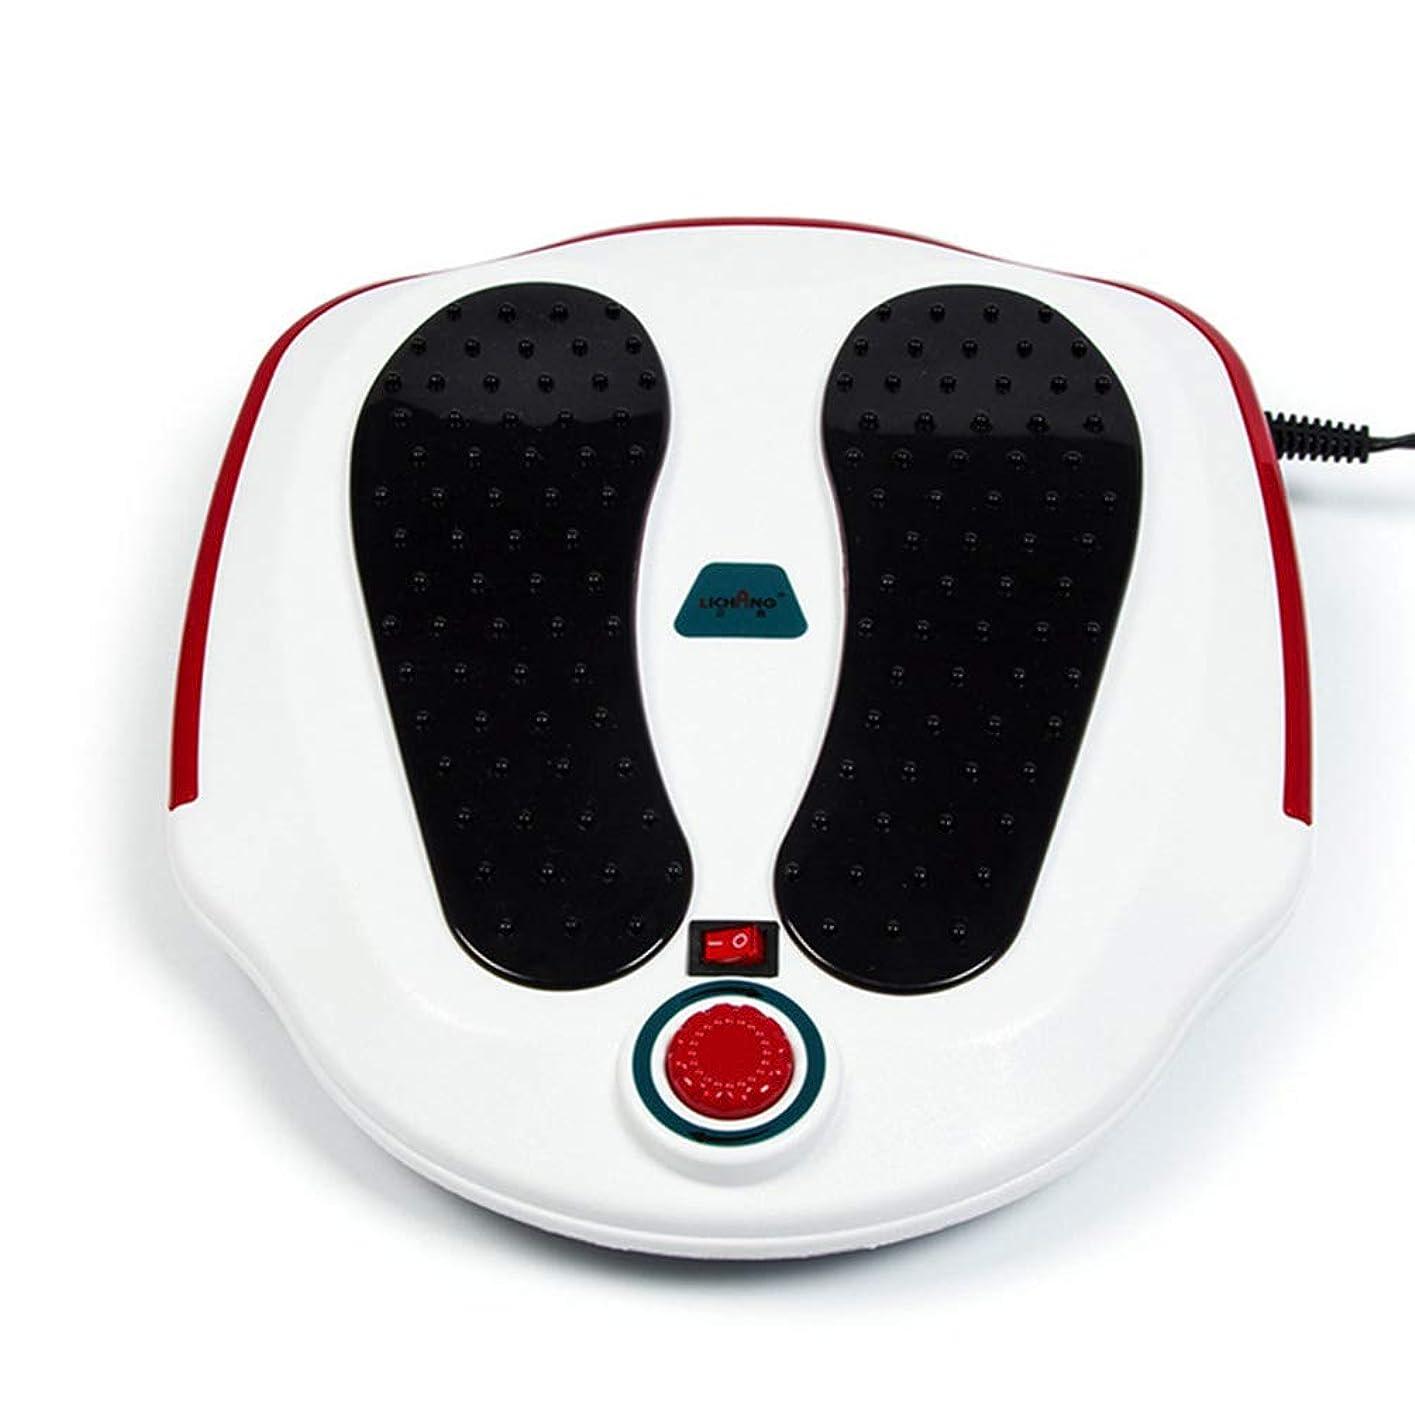 爵芽瀬戸際電気の フットマッサージャー、フルフットマッサージエクスペリエンス用ABS素材、循環系の改善、硬い筋肉の柔らかさ、痛みの緩和治療。 人間工学的デザイン